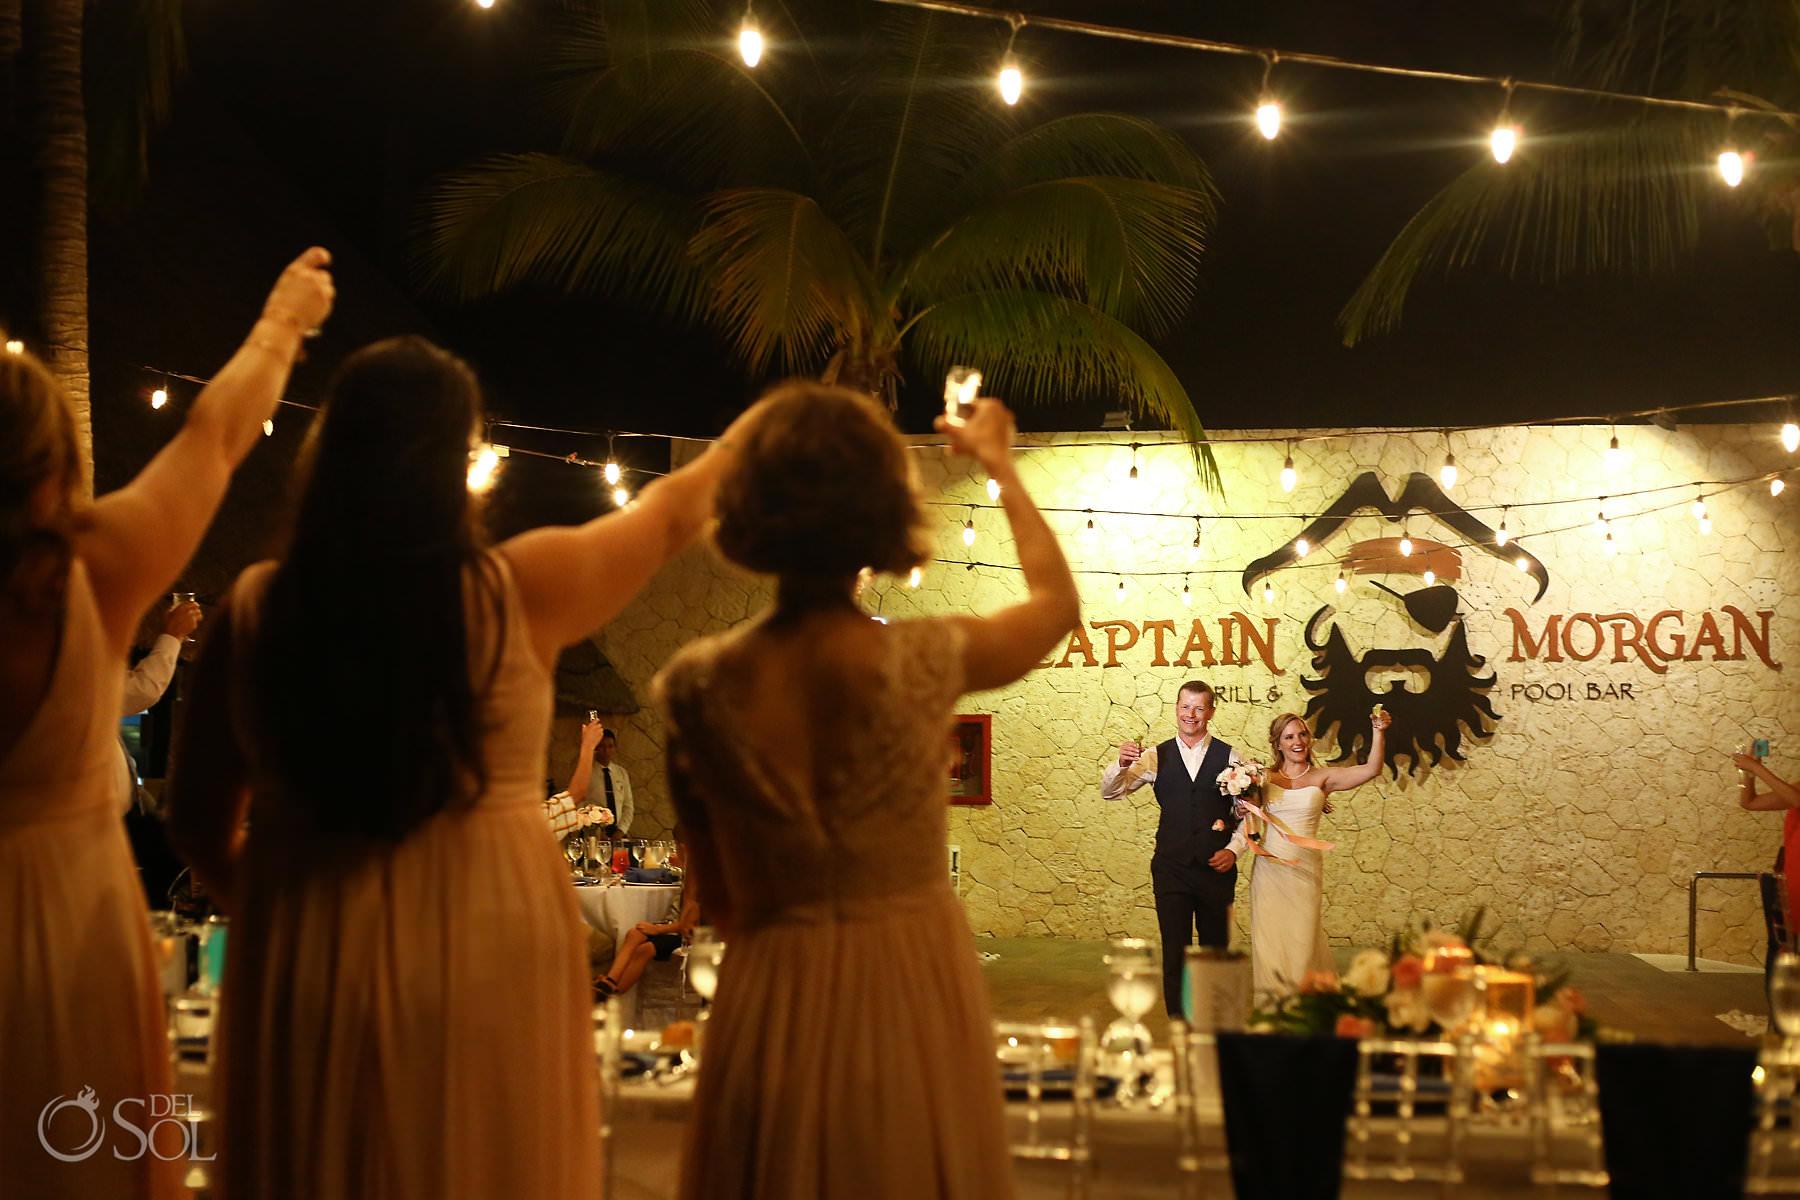 Captain Morgan Grill wedding reception Riviera Maya Mexico